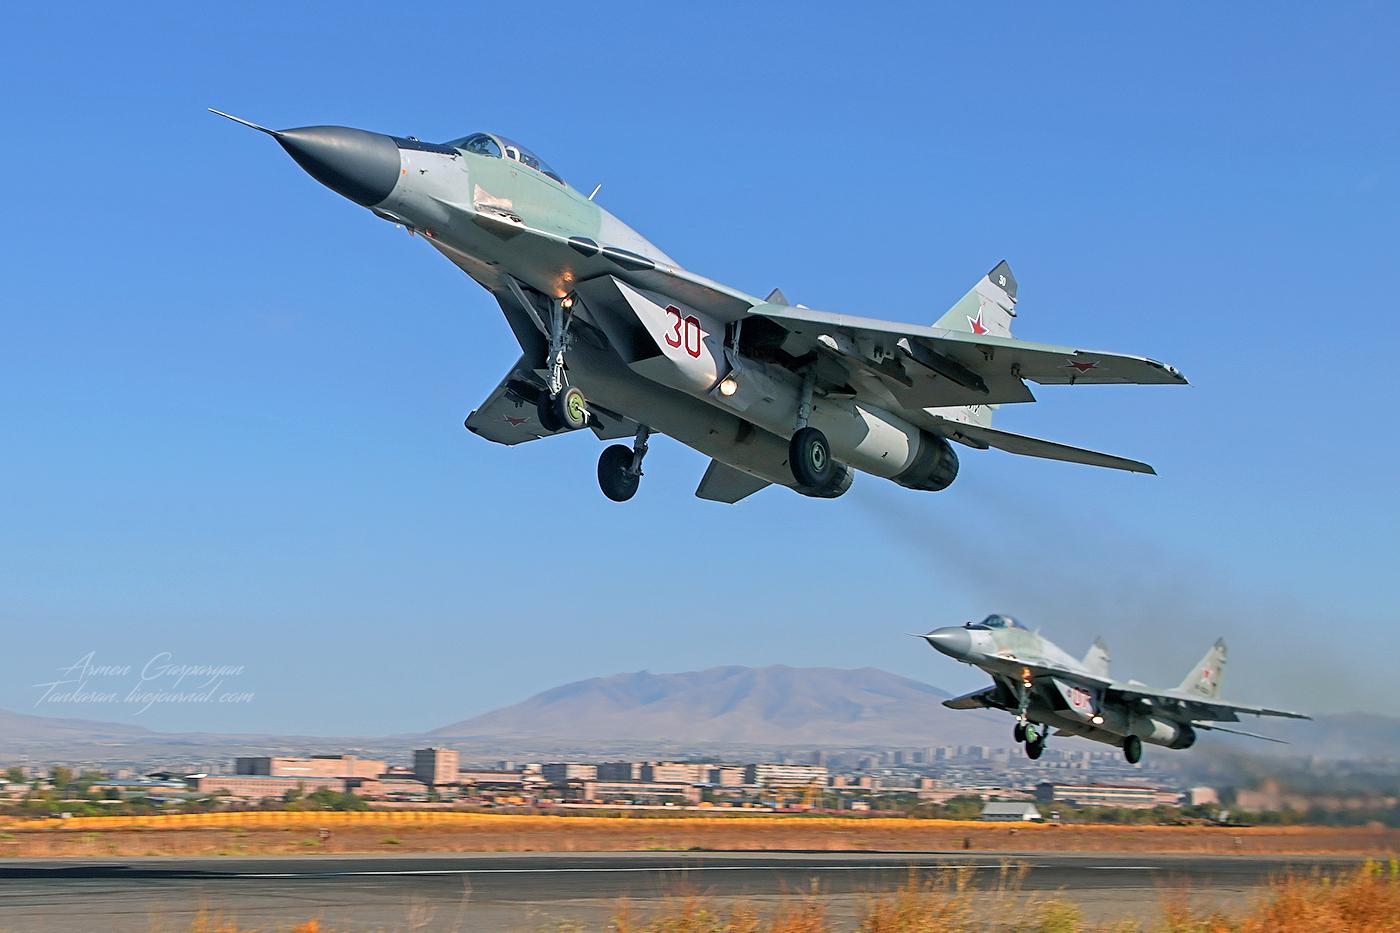 Россия согласилась передать Сербии шесть истребителей МиГ-29 из наличия